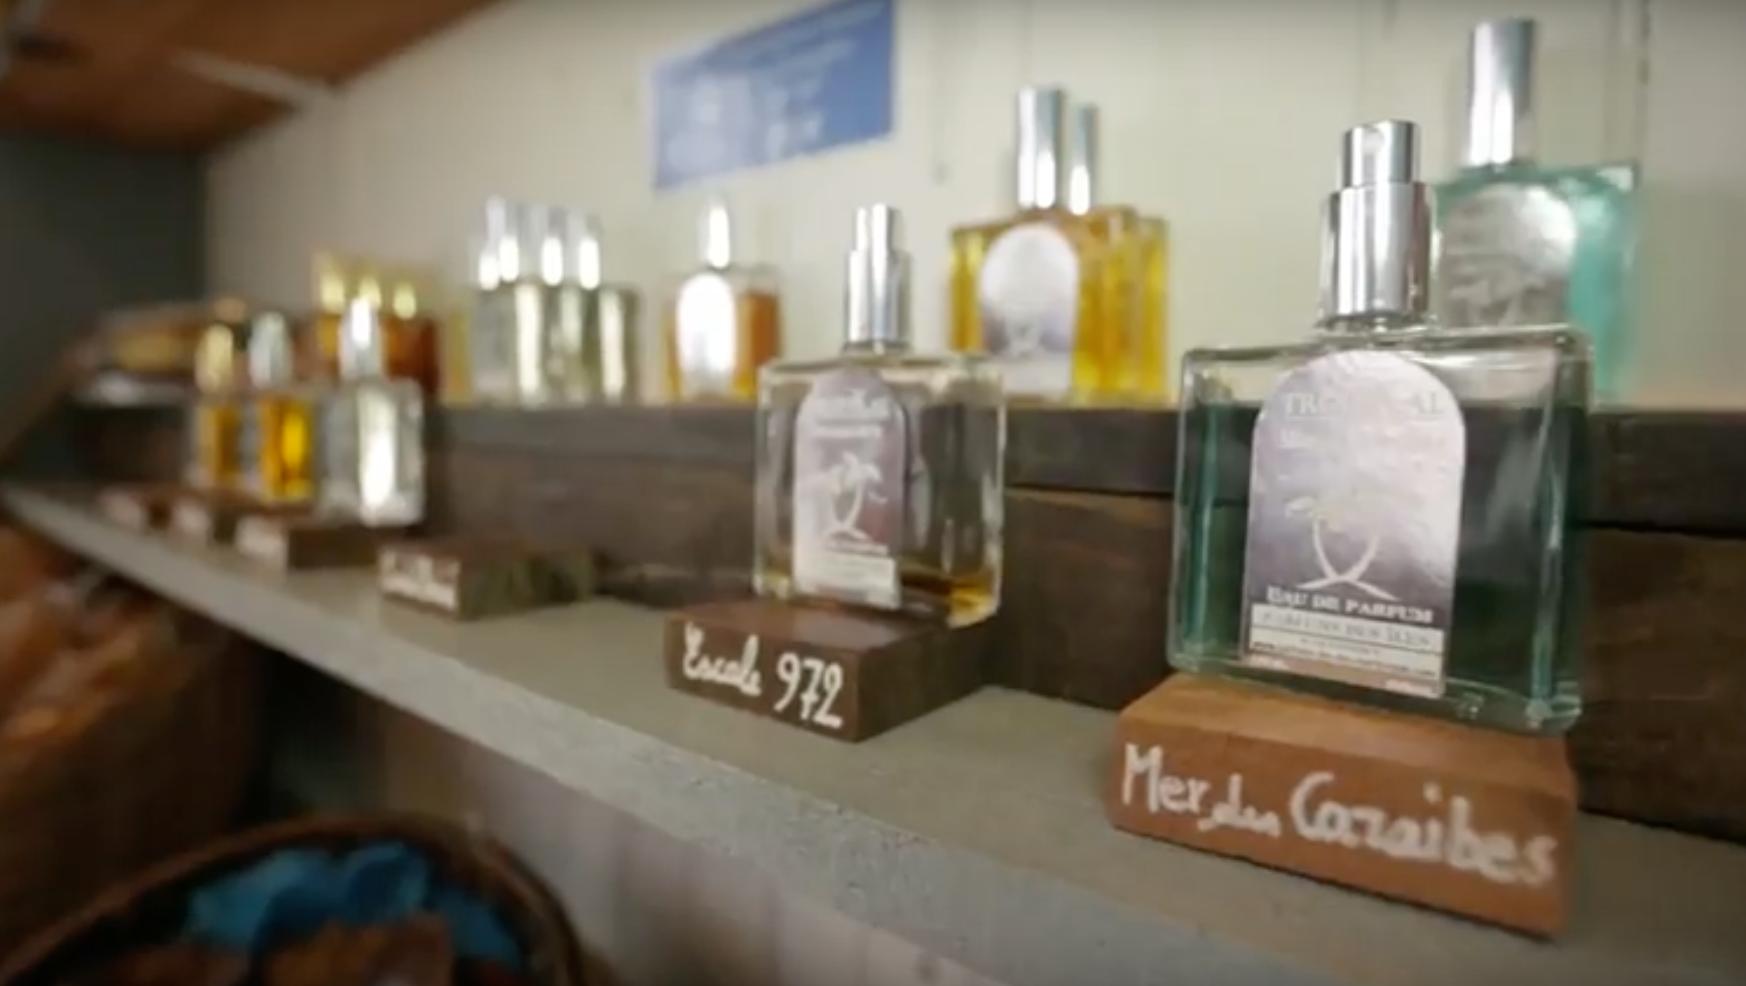 SHOPPING KAY I Parfum d'intérieur personnalisé